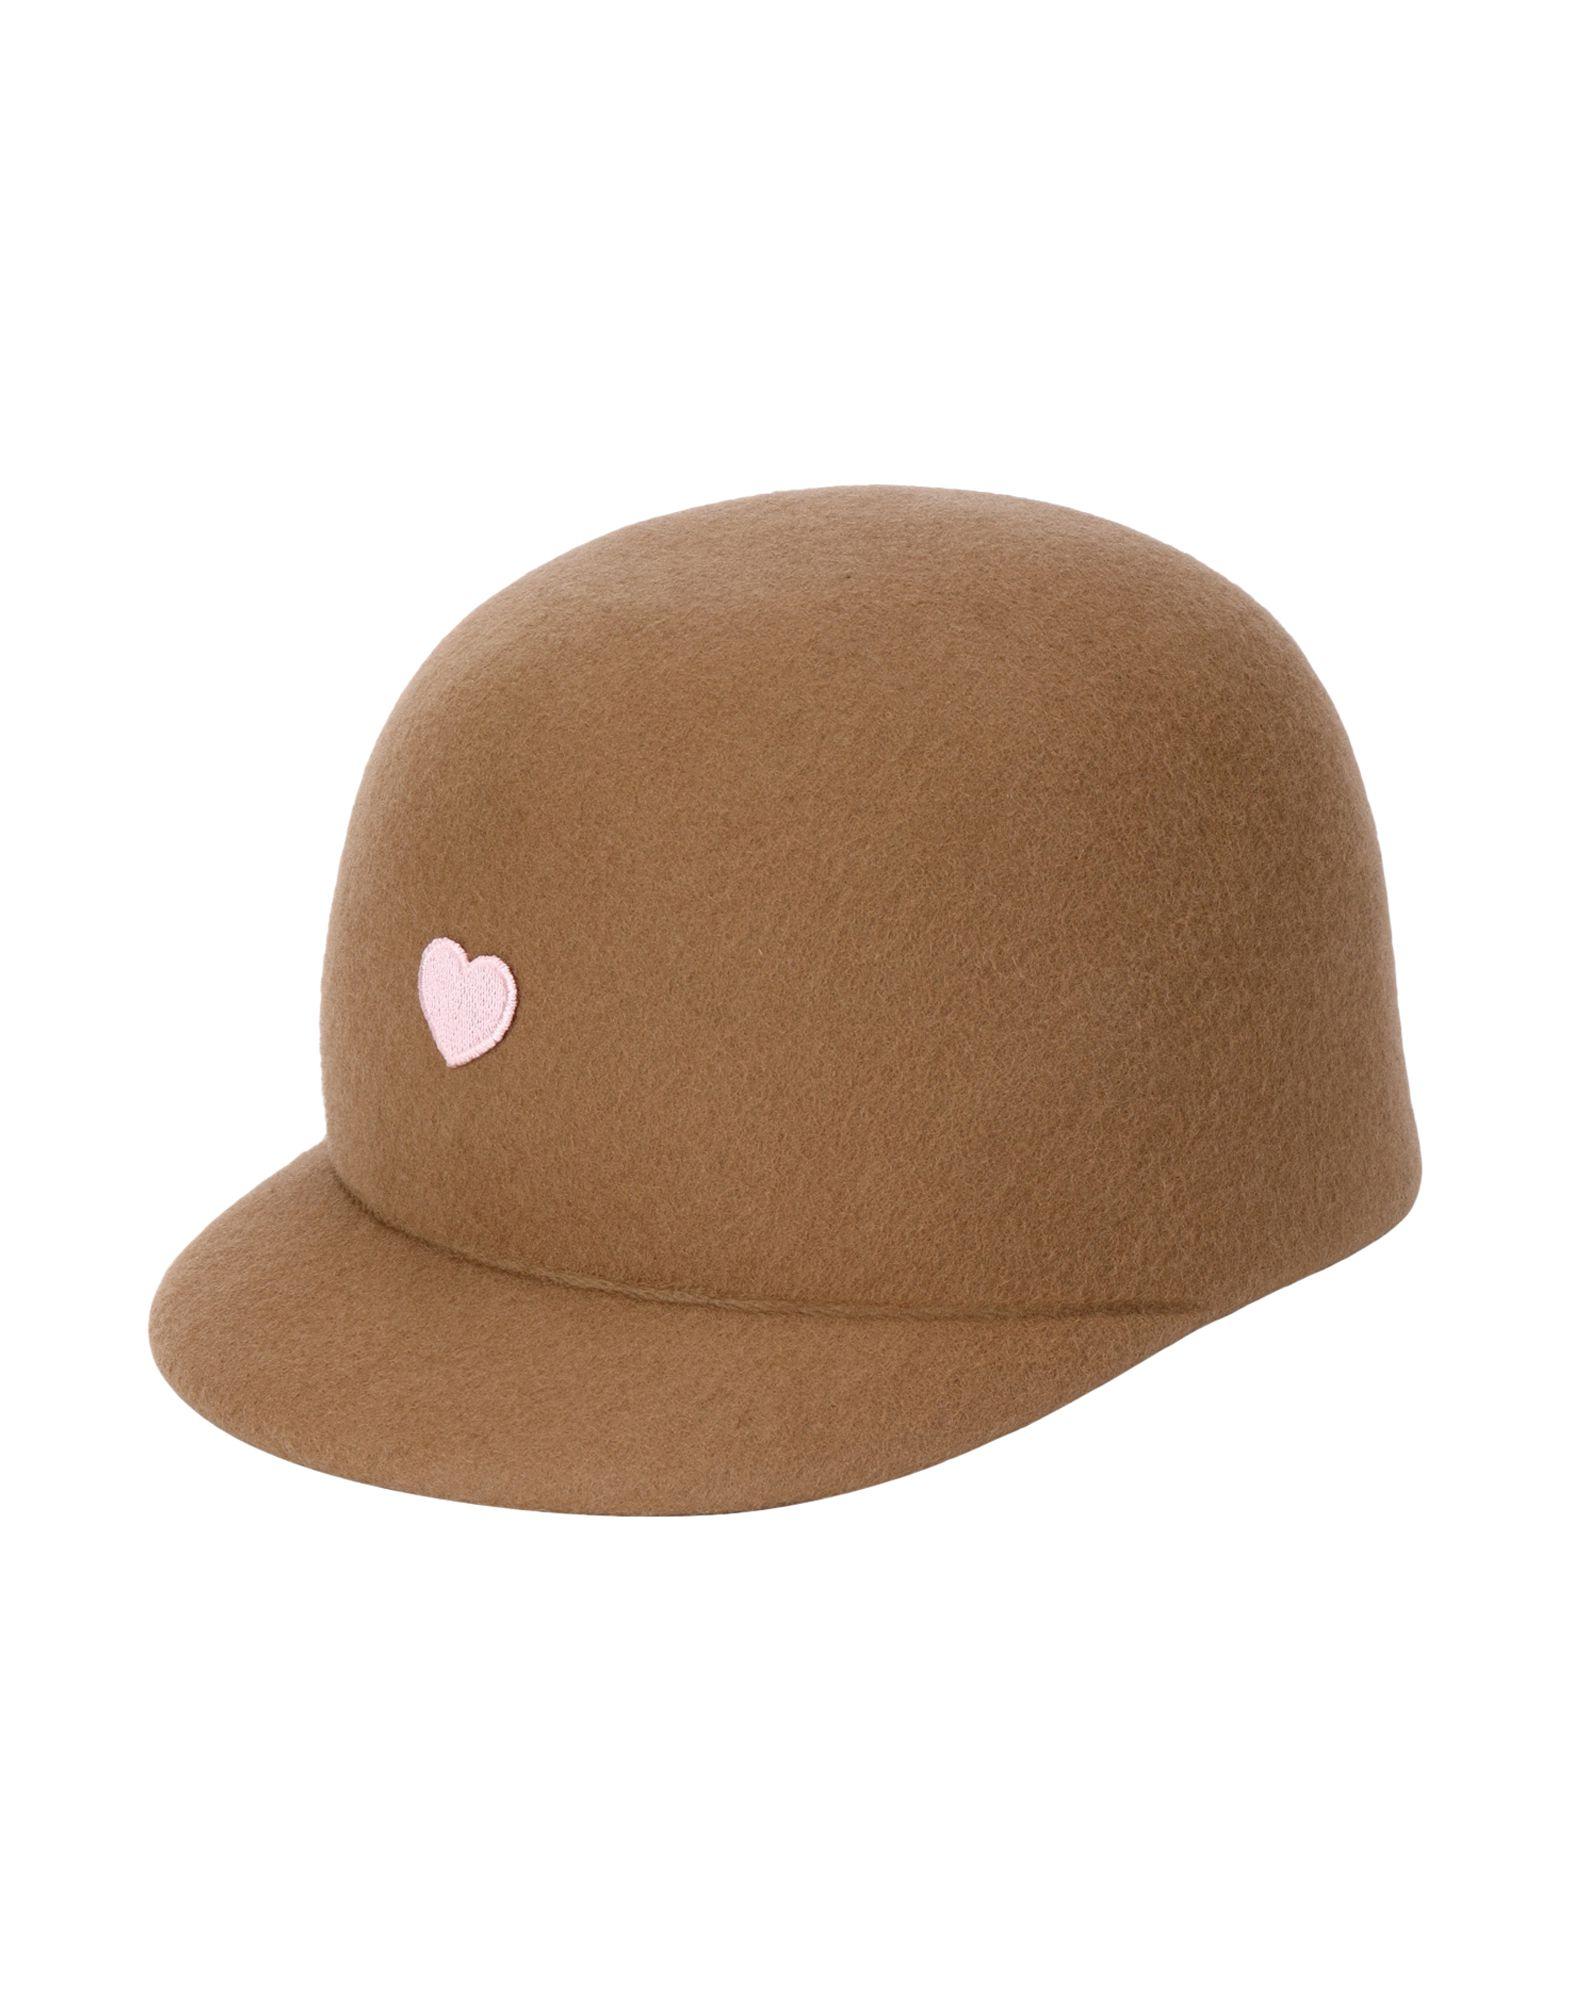 《送料無料》FEDERICA MORETTI レディース 帽子 ベージュ M ウール 100%